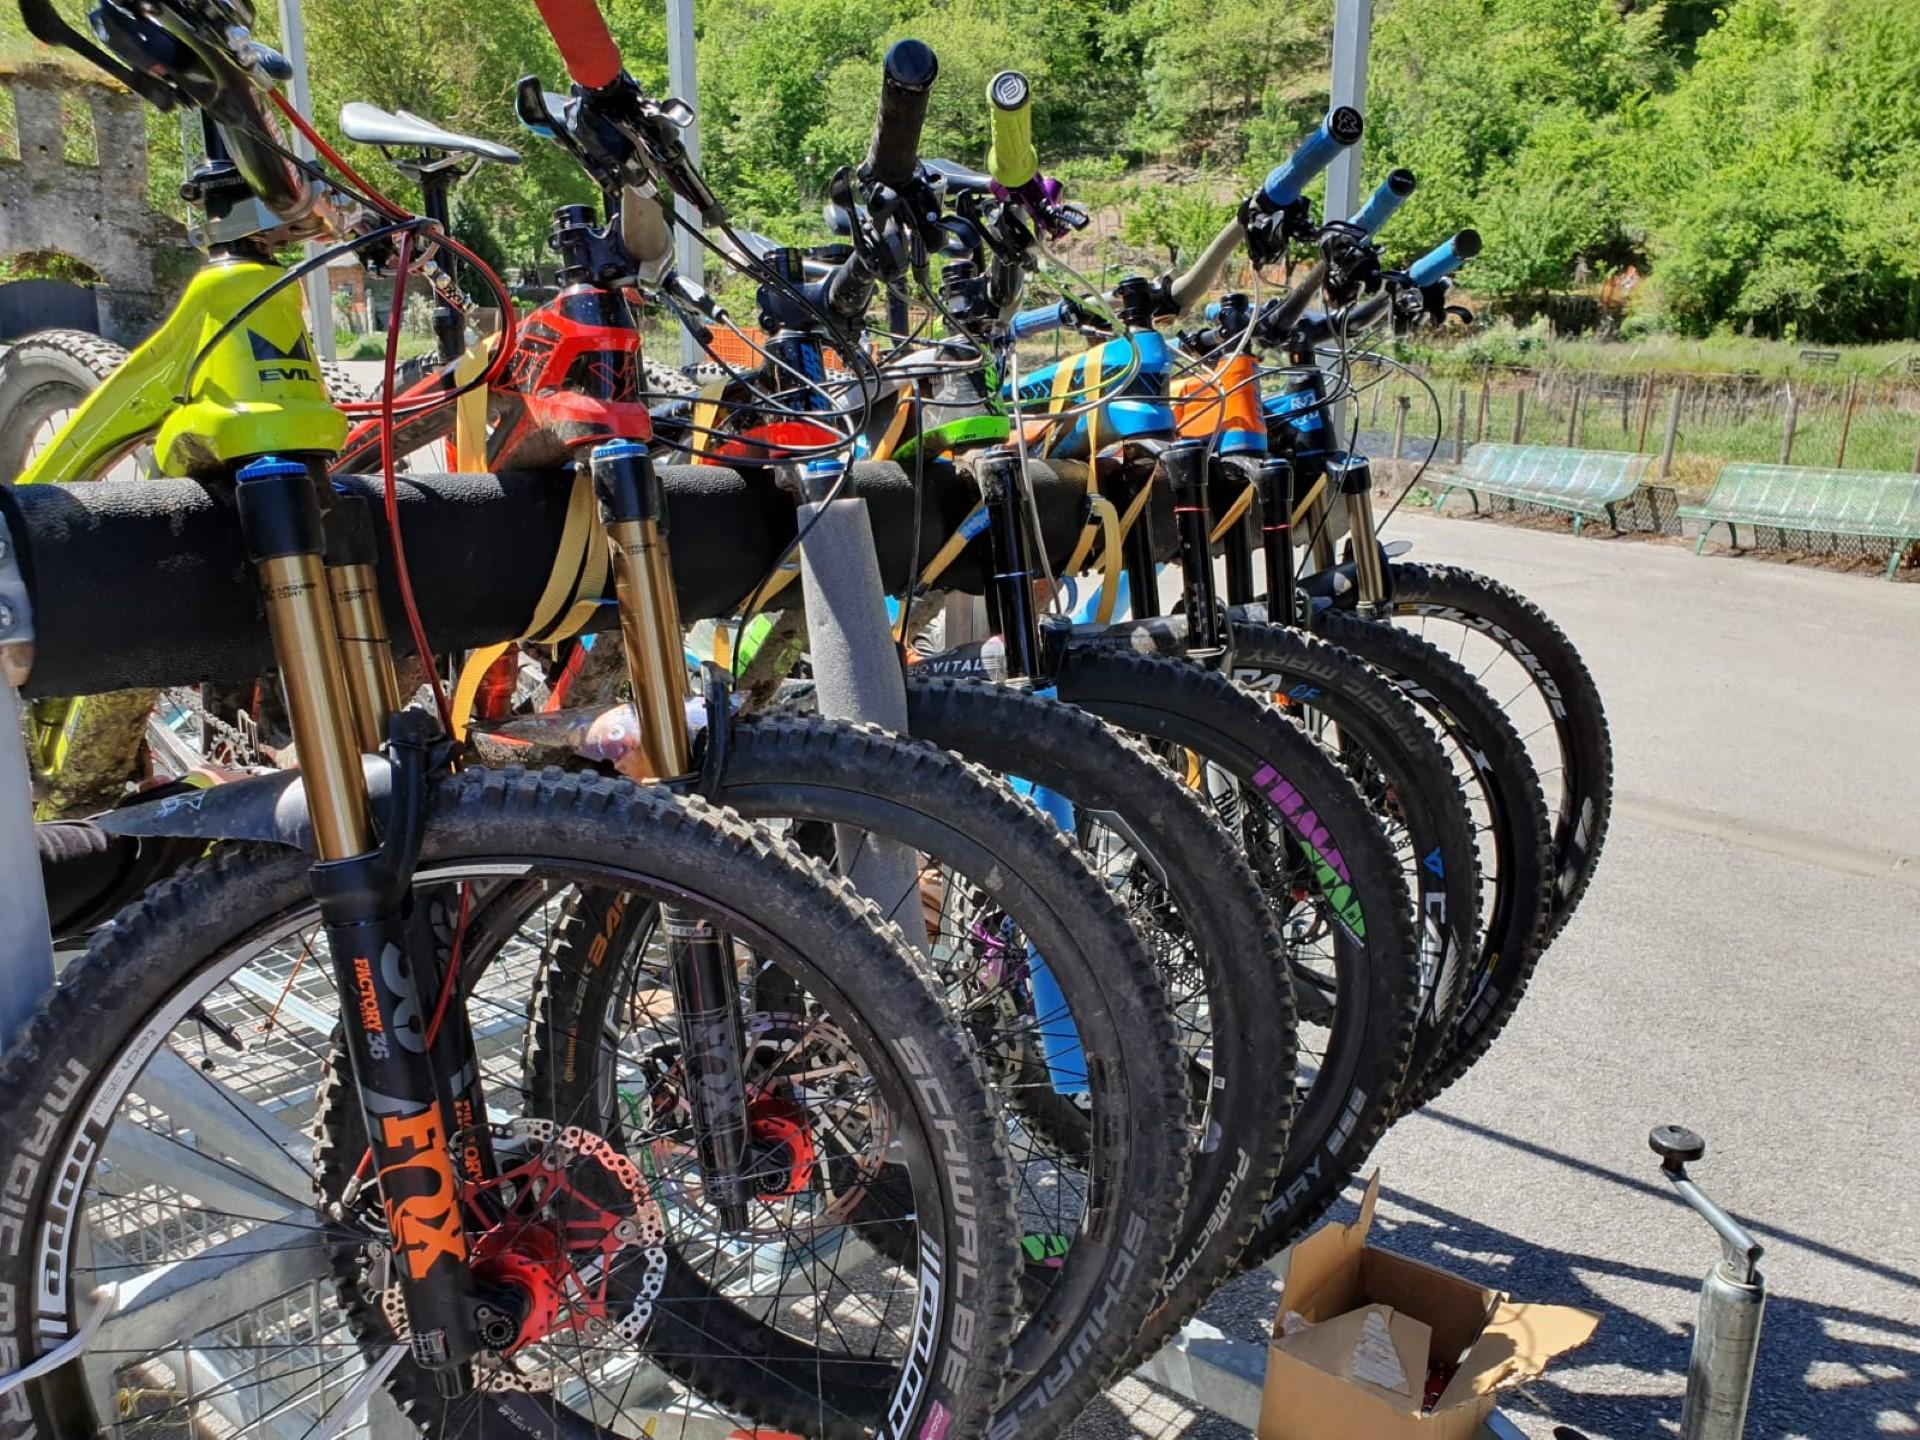 ruta de enduro en bicicleta de btt